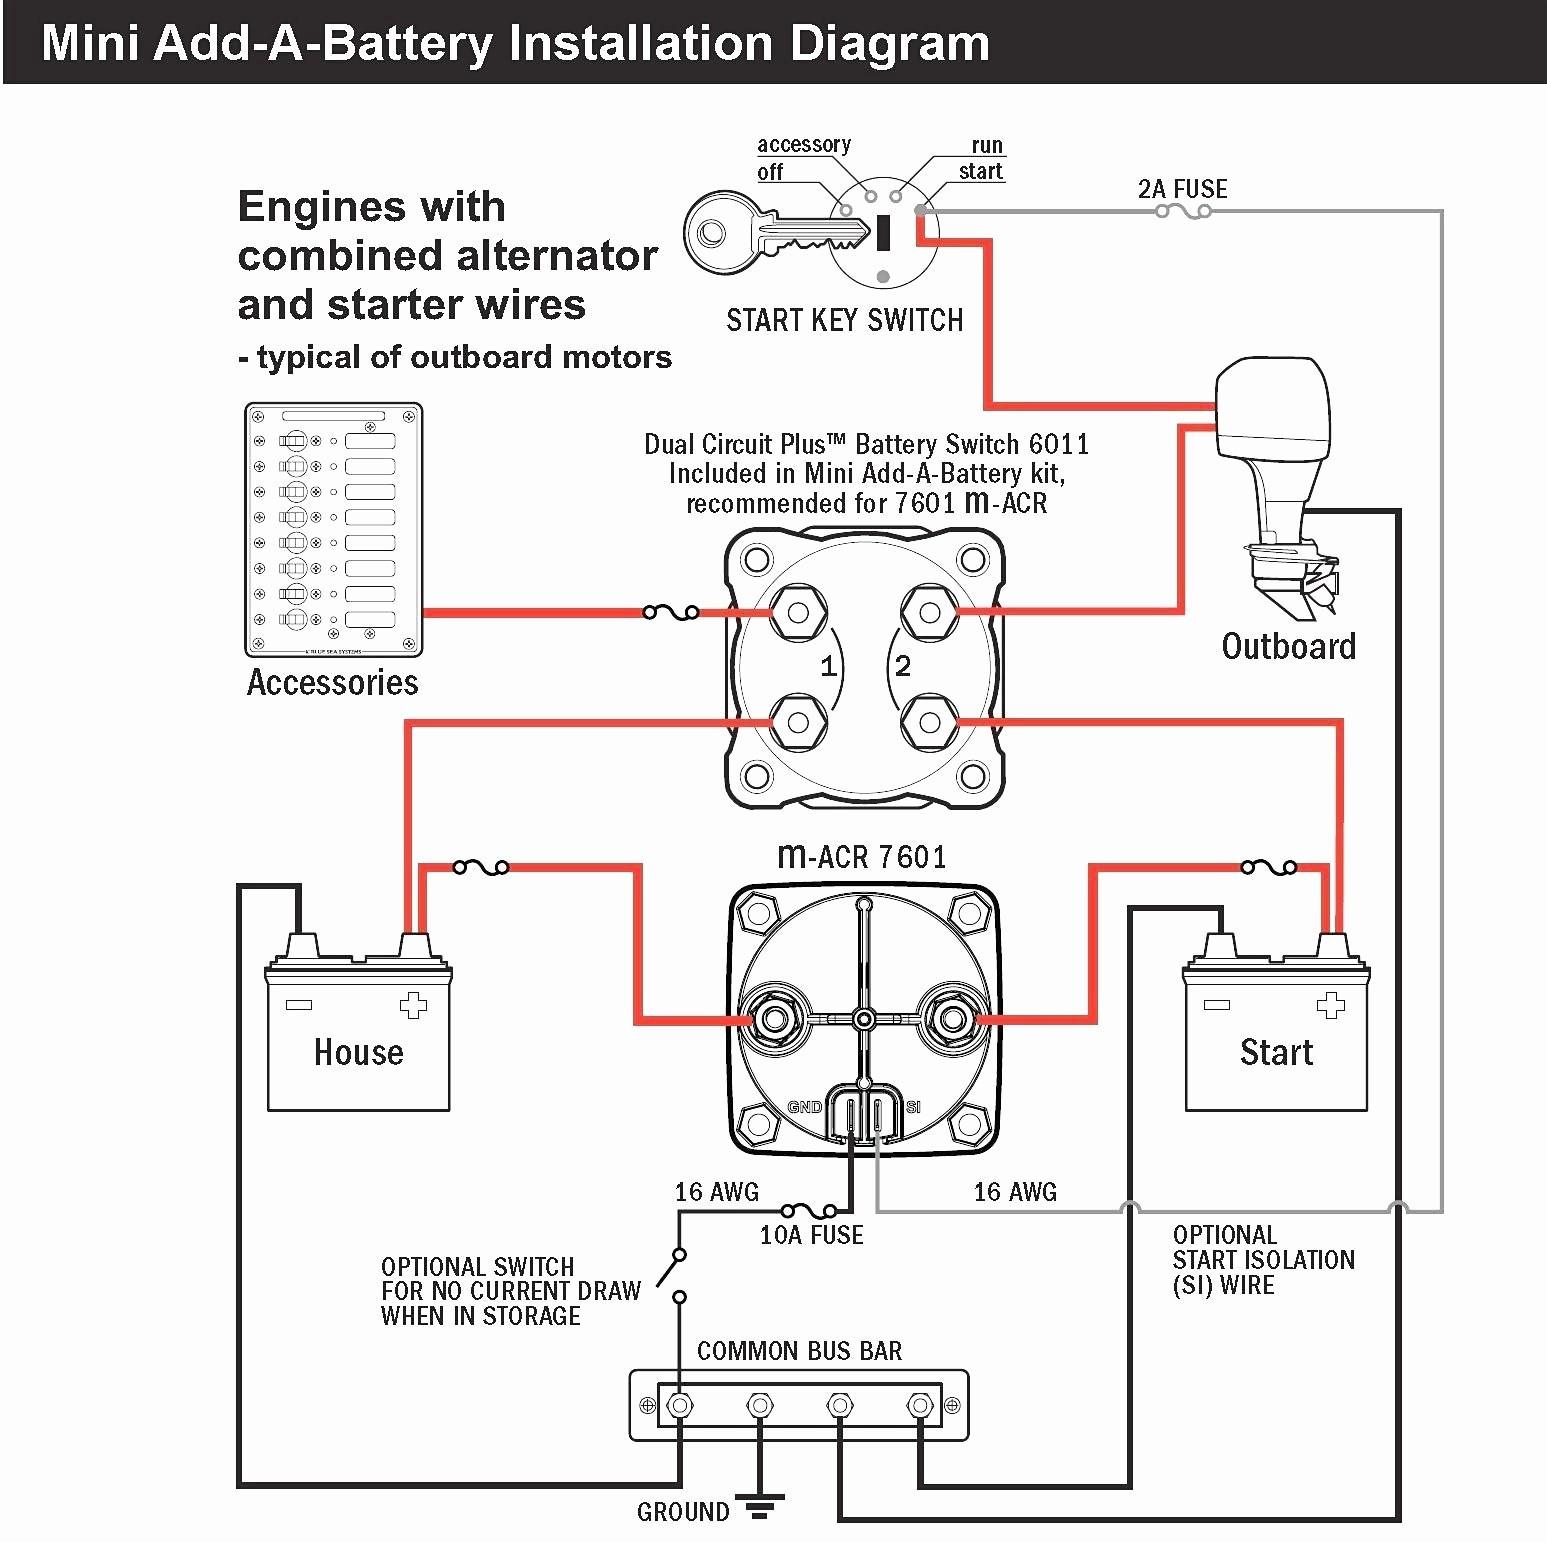 Holiday Rambler Wiring Schematics | Wiring Diagram - Holiday Rambler Wiring Diagram